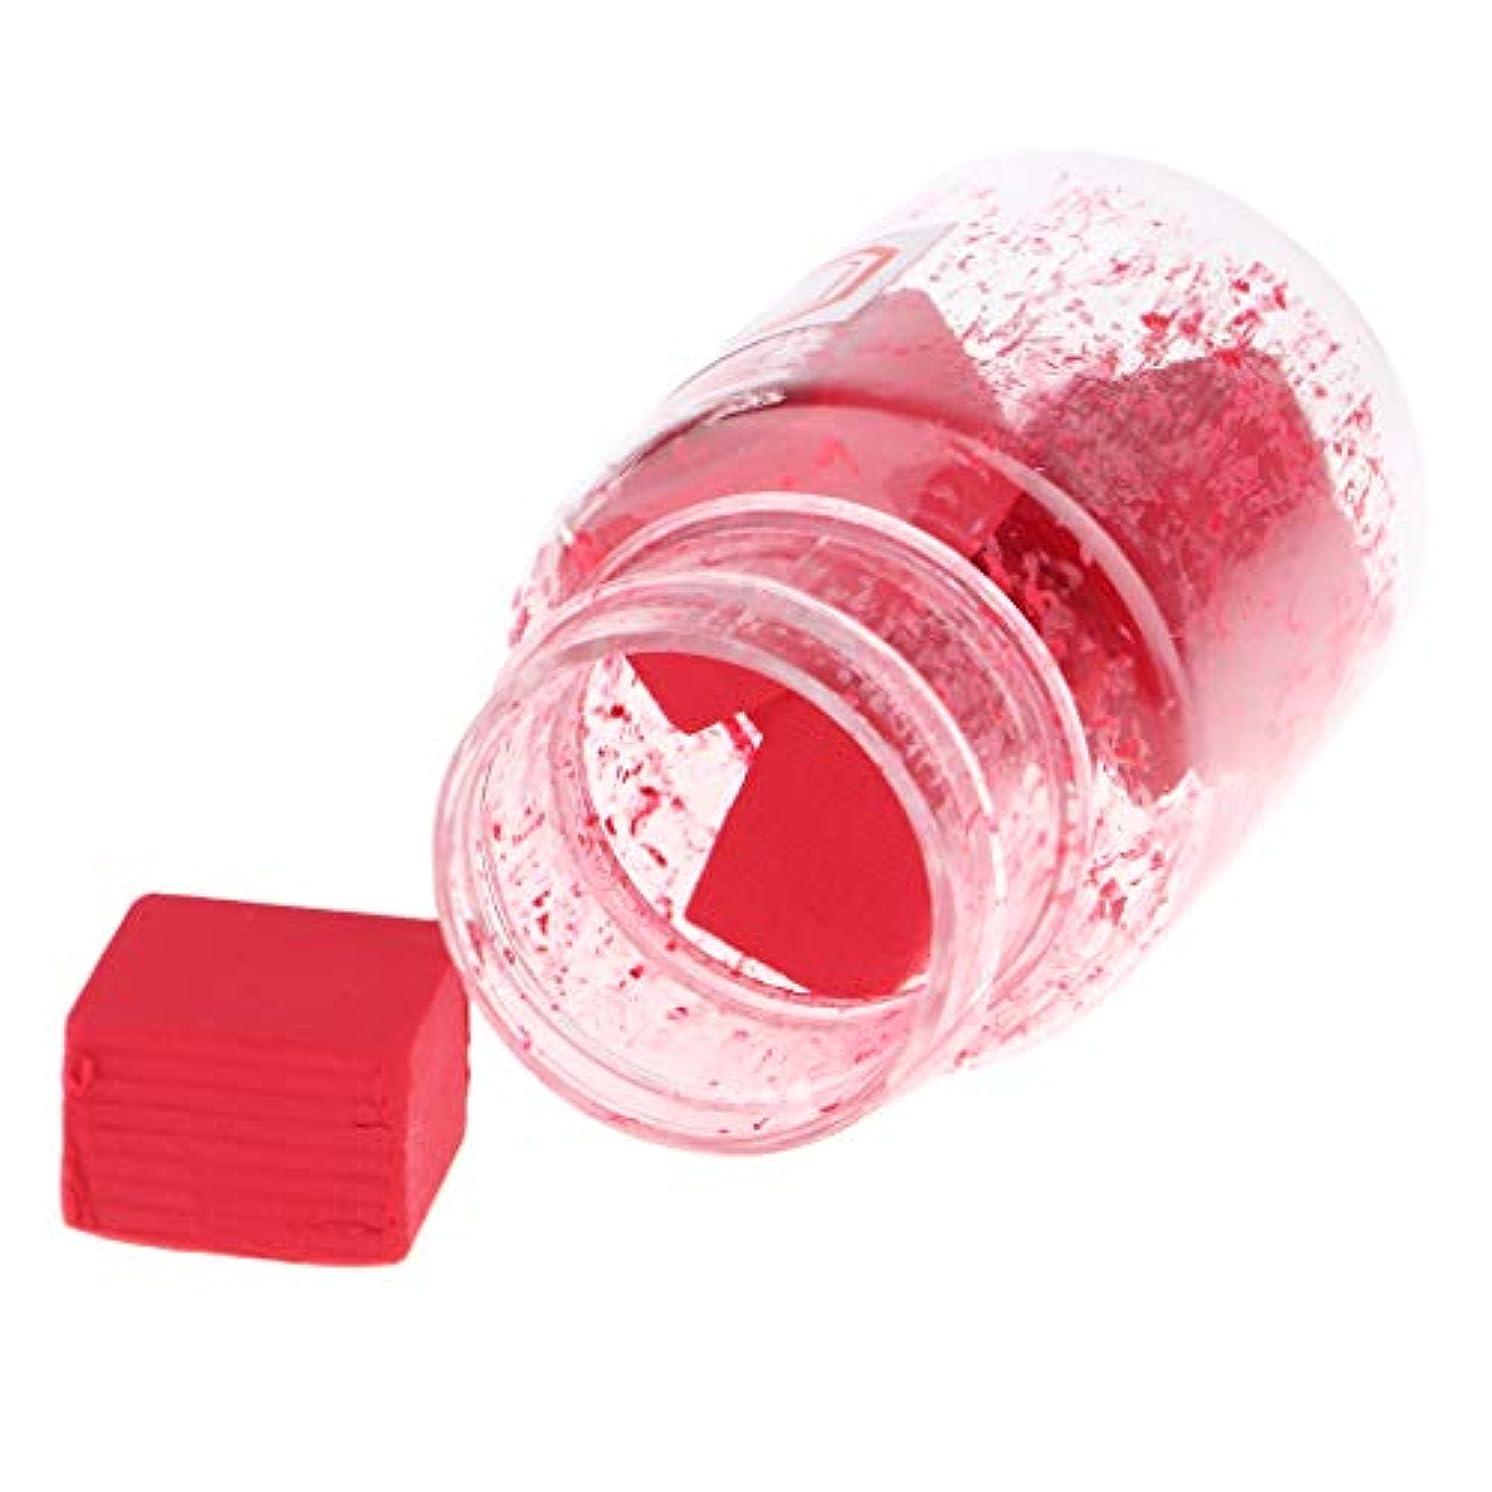 戻る難民力Perfeclan 口紅作り DIY リップスティック原料 赤面原料 無ワックス 無粉砕 無飛翔粉末 9色選択でき - B